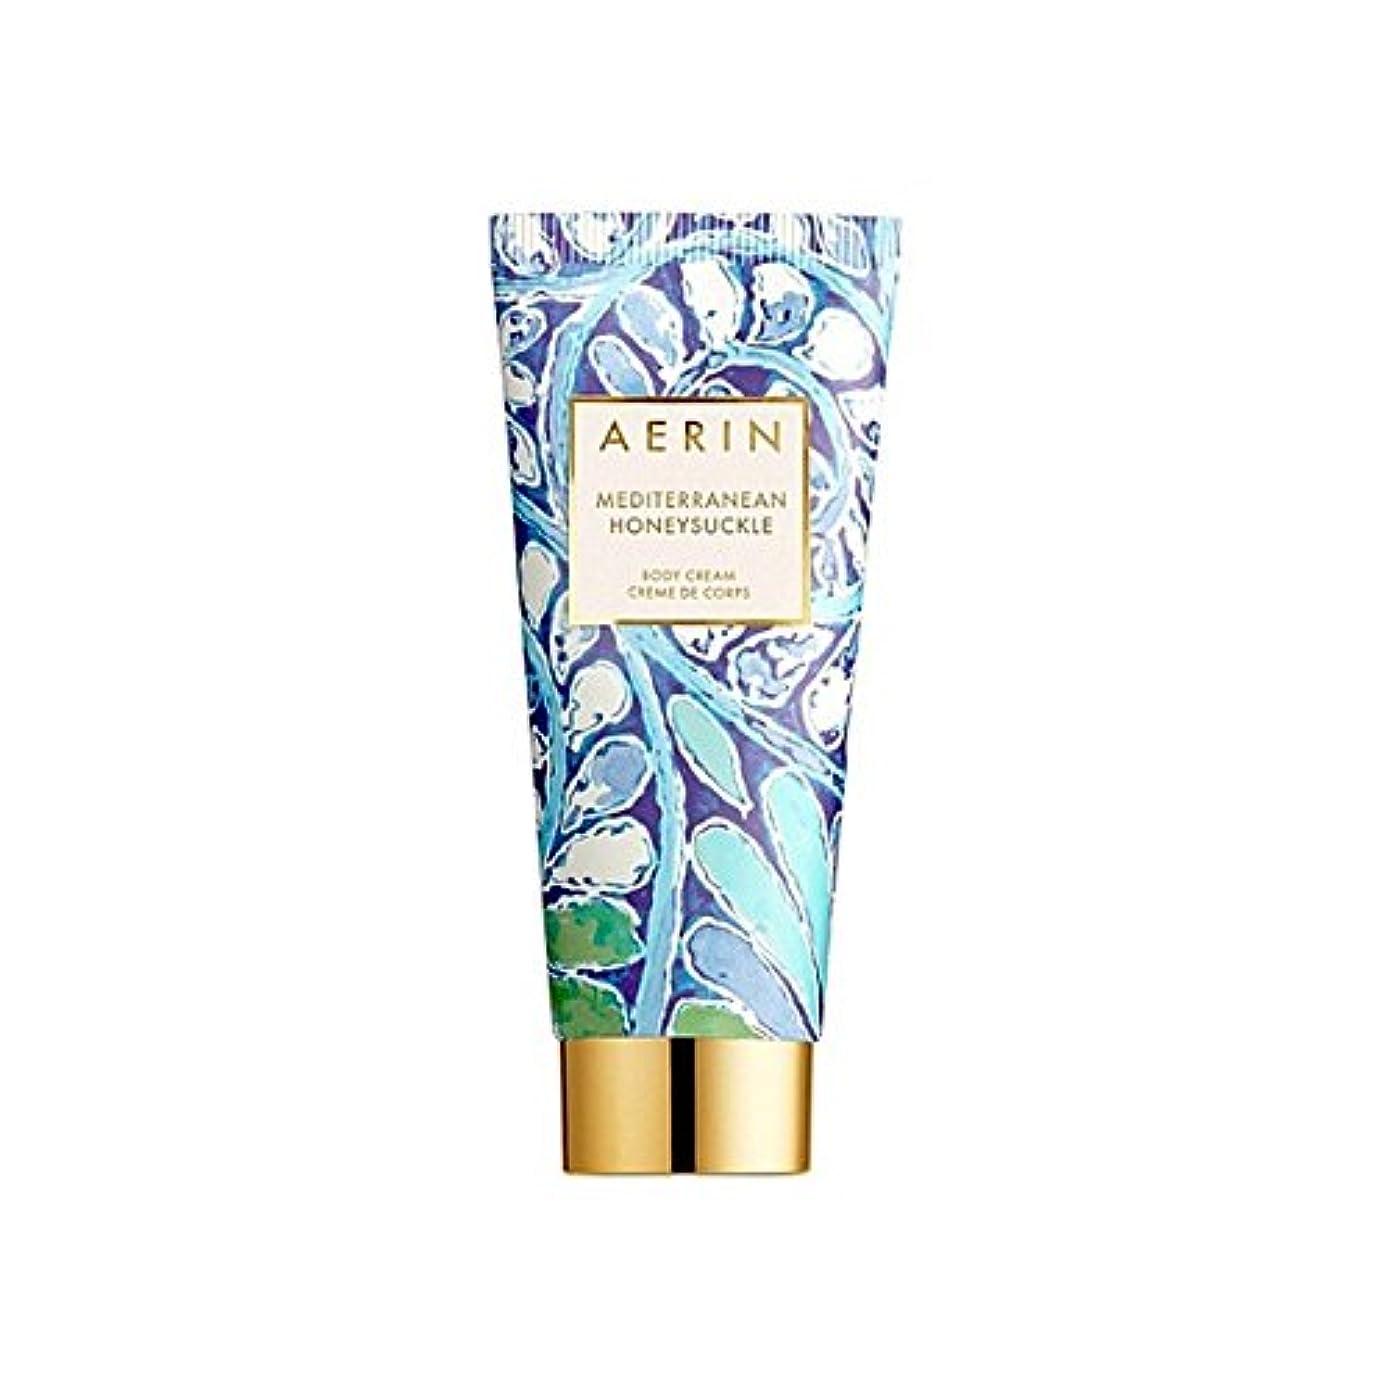 連帯価値必要ないAerin Mediterrenean Honeysuckle Body Cream 150ml (Pack of 6) - スイカズラボディクリーム150ミリリットル x6 [並行輸入品]